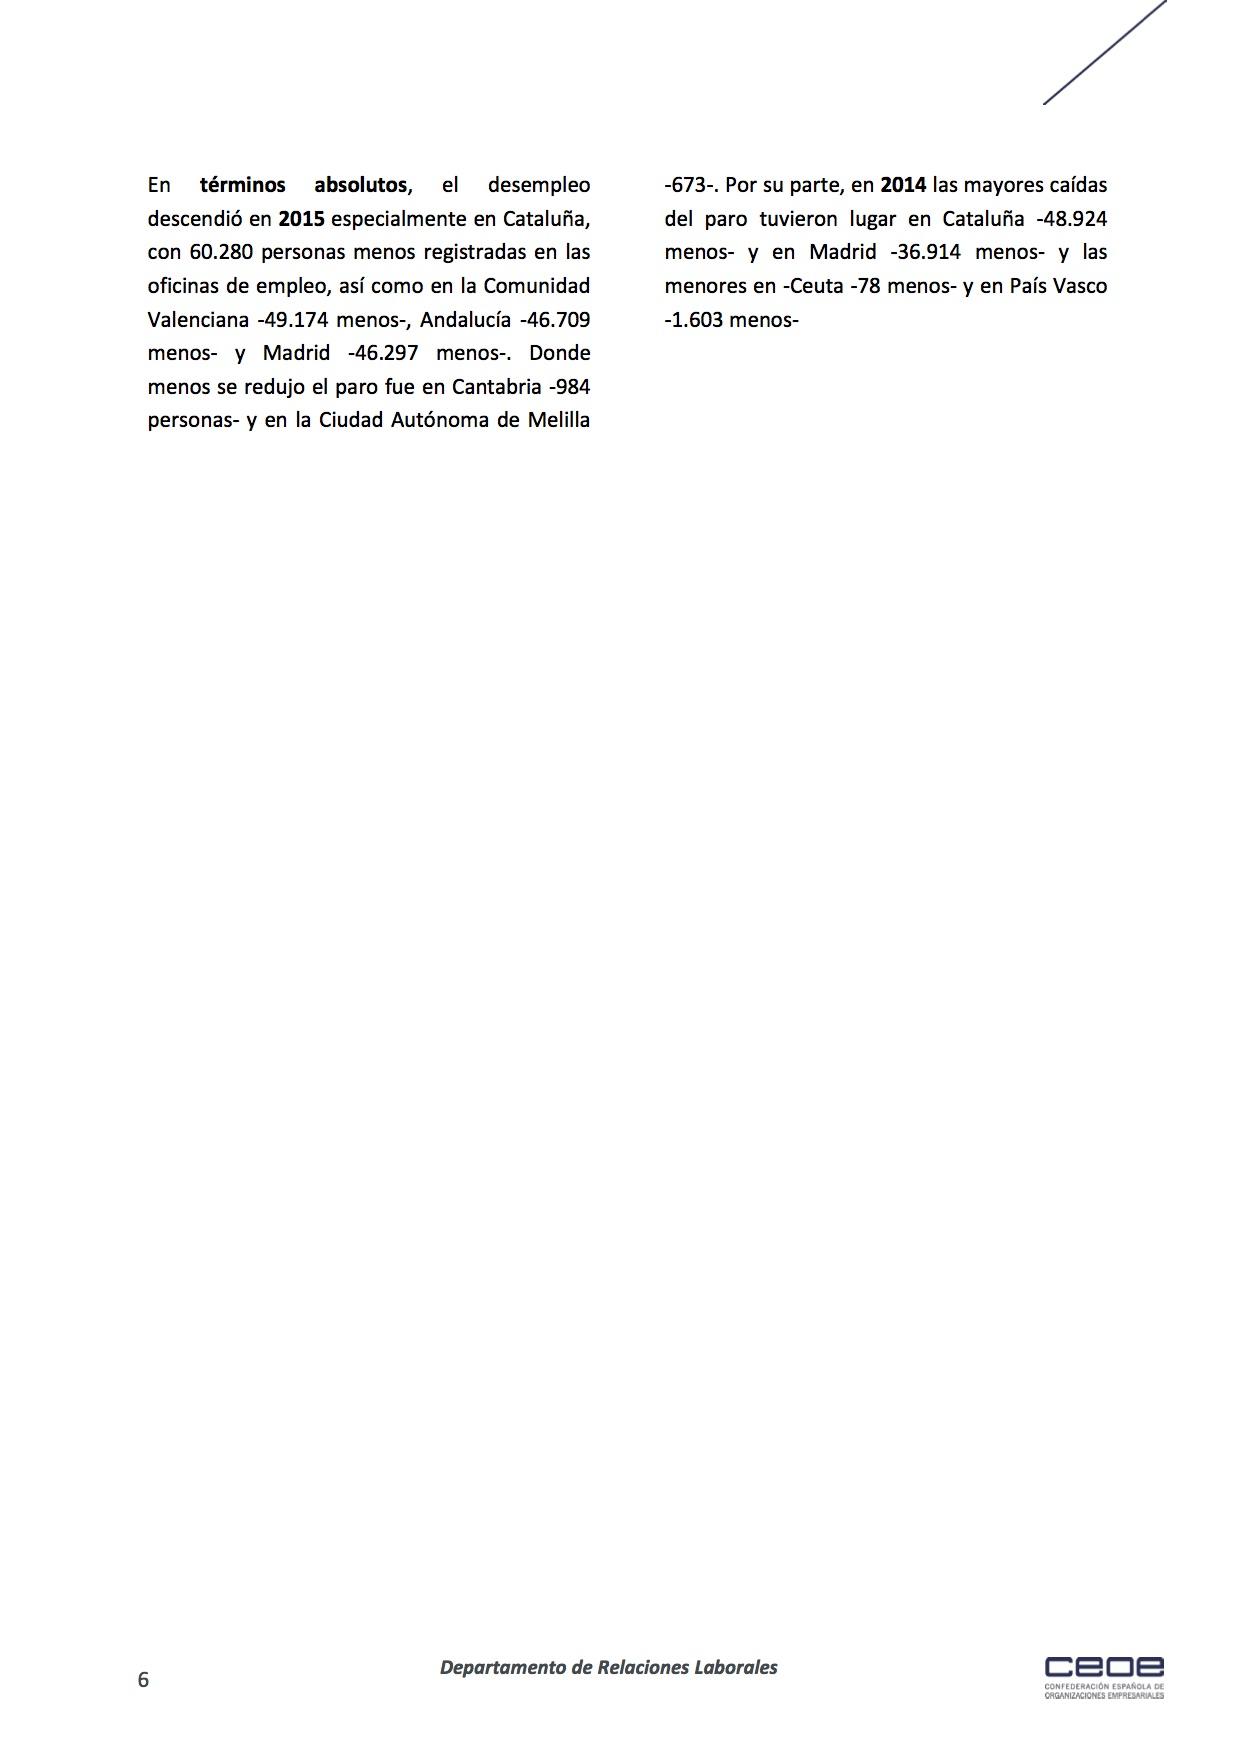 6publications_docs-file-175-analisis-del-mercado-laboral-de-2015